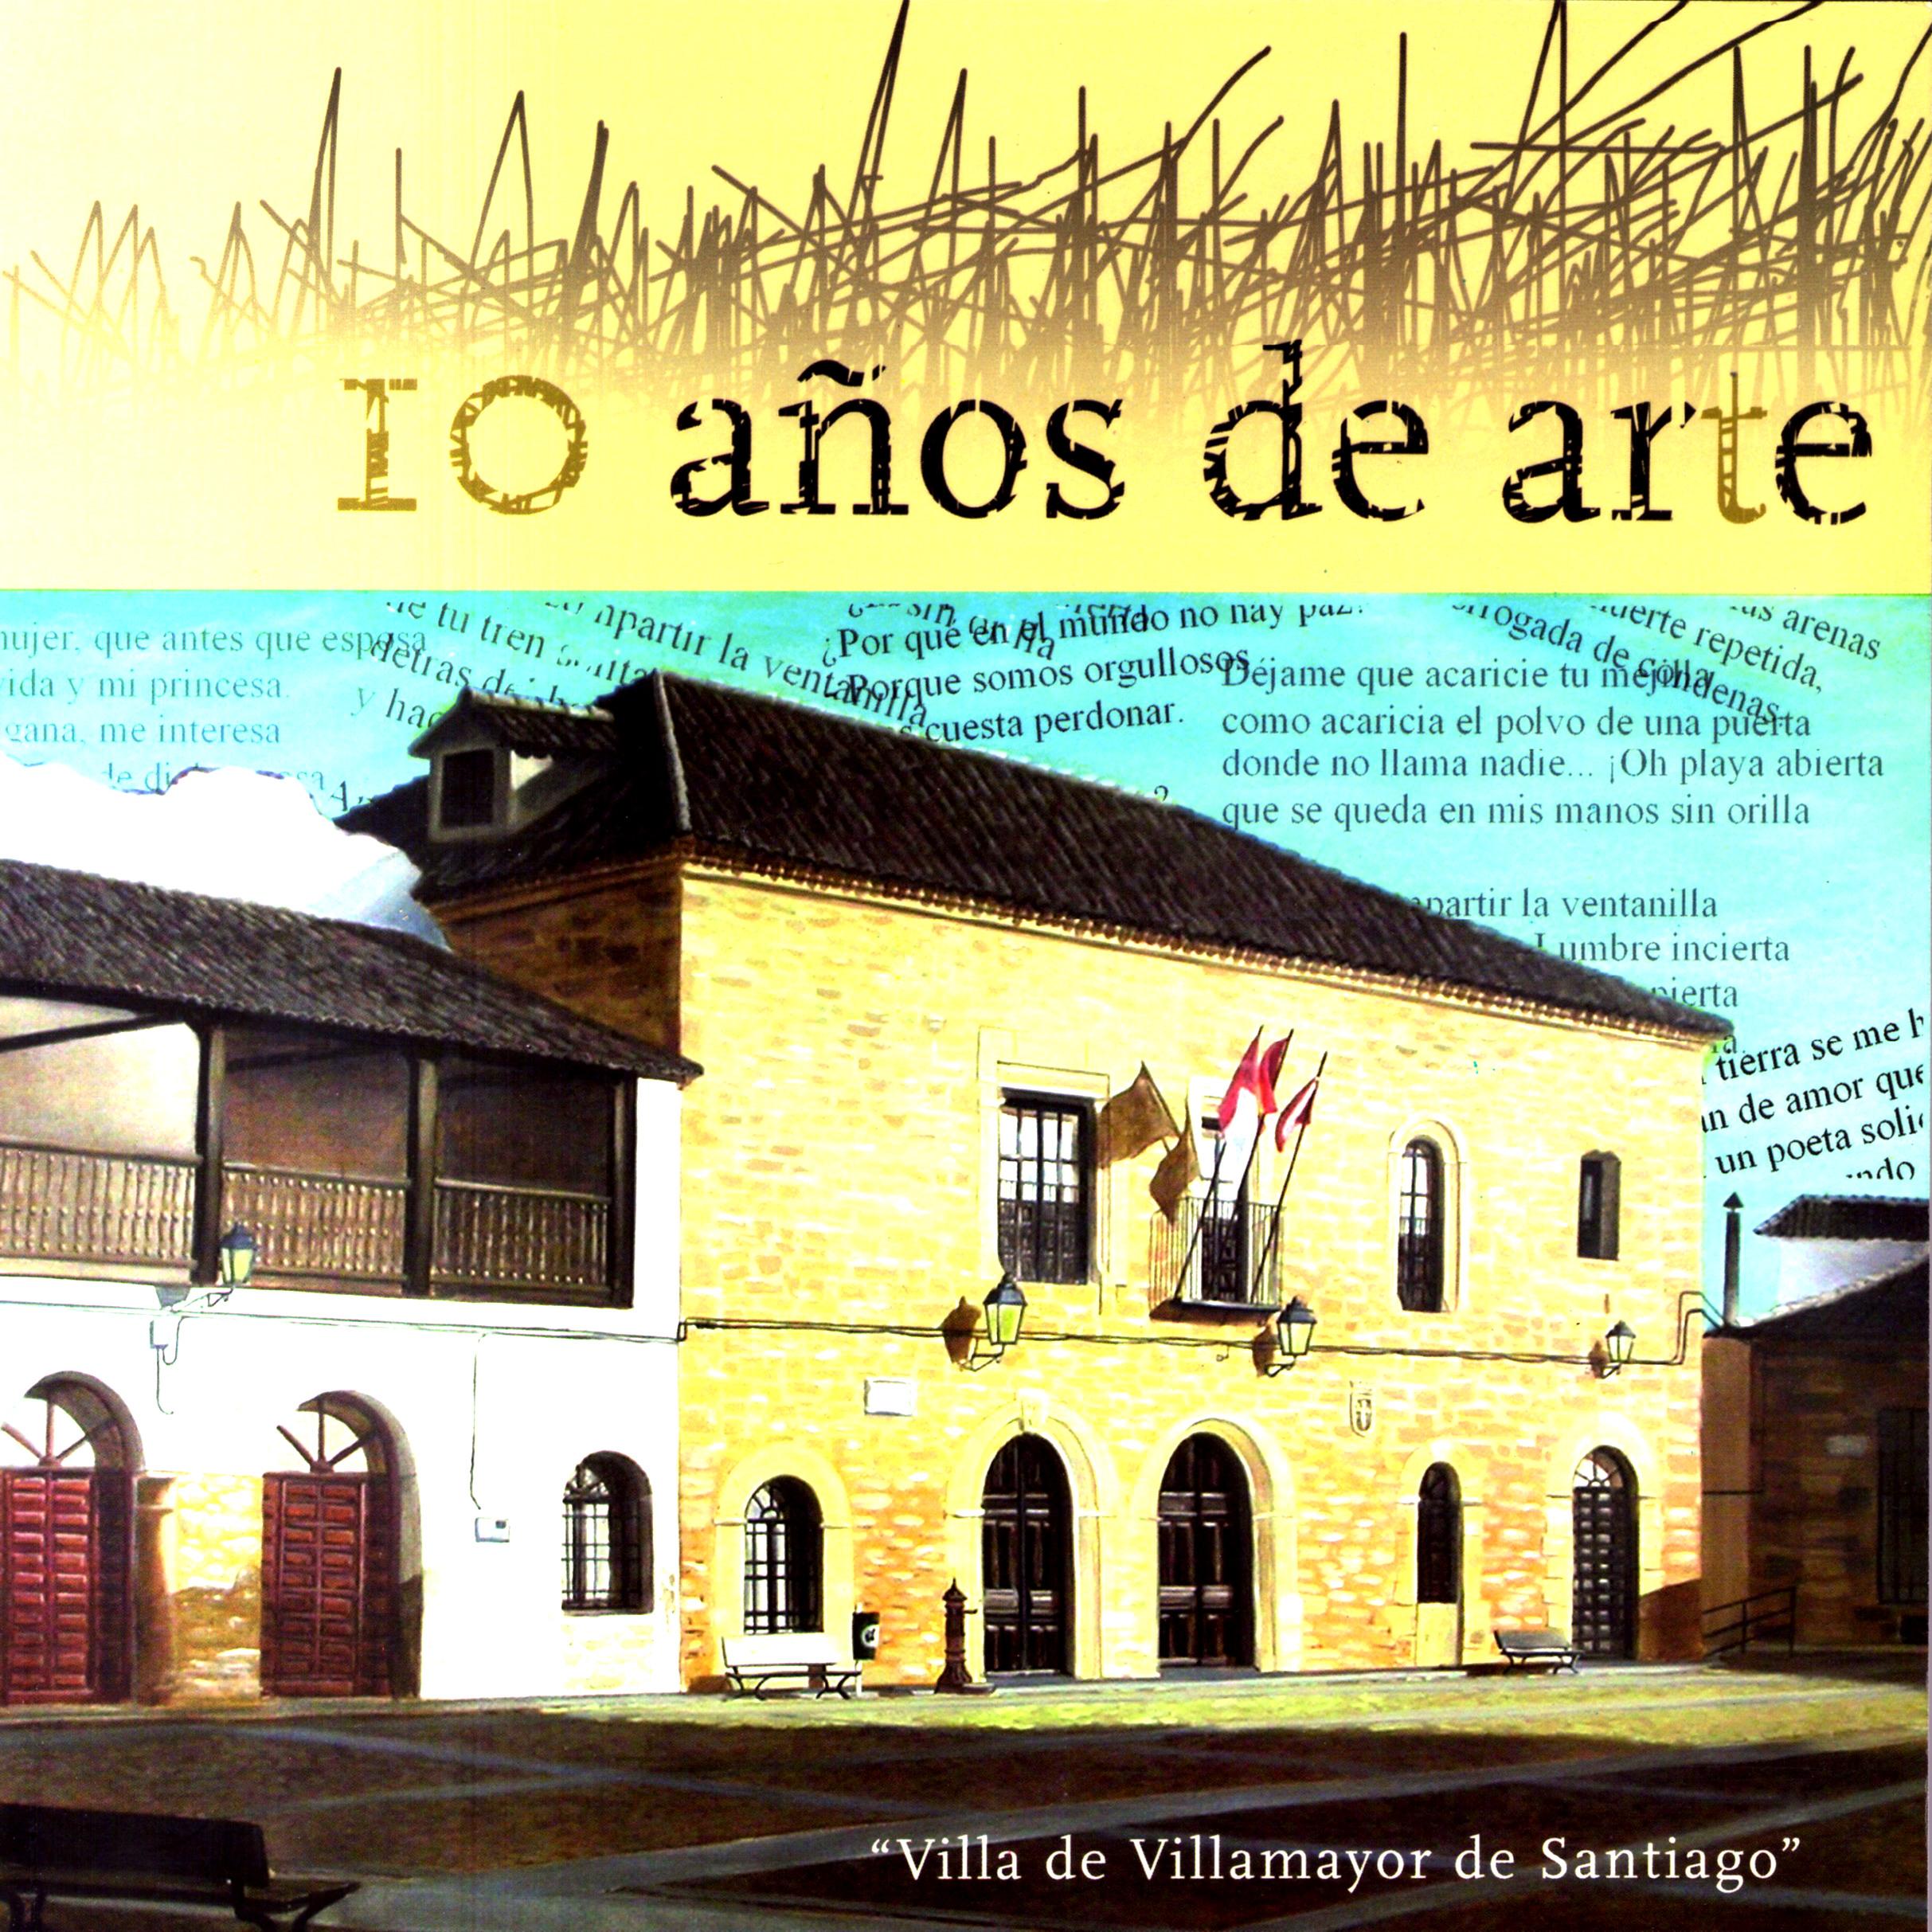 10-años-de-arte